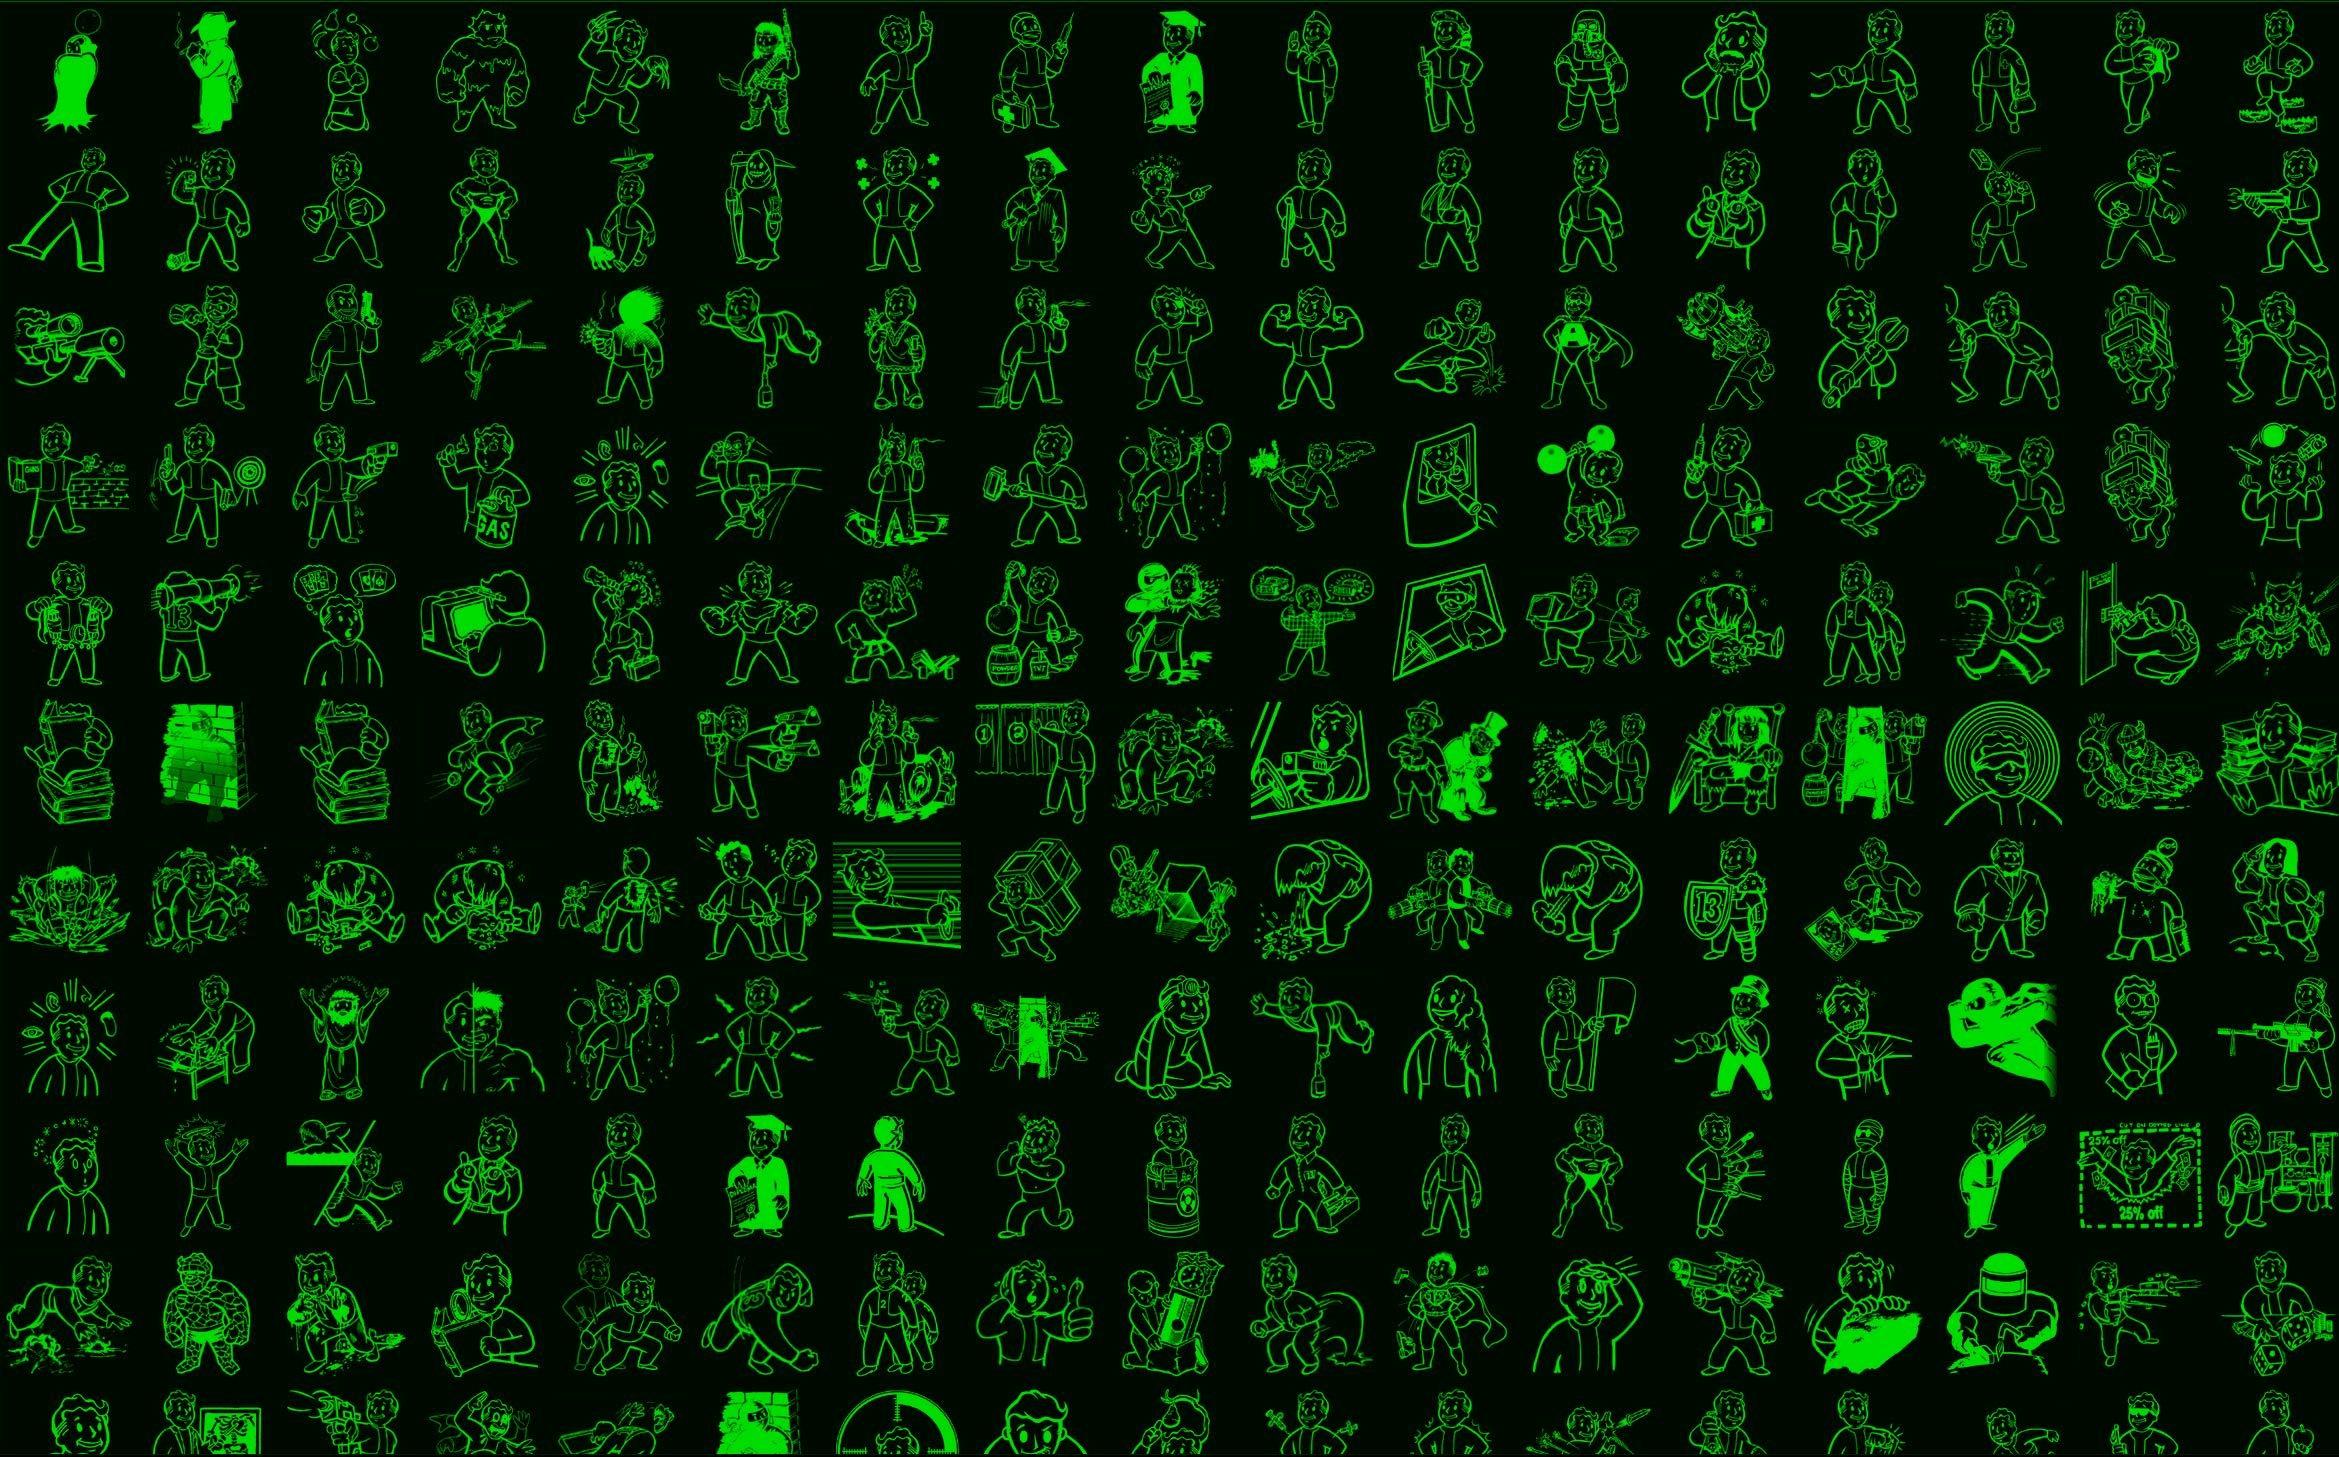 Fallout New Vegas Wallpaper iPhone   HD Wallpapers   Pinterest   Fallout,  Hd desktop and Wallpaper